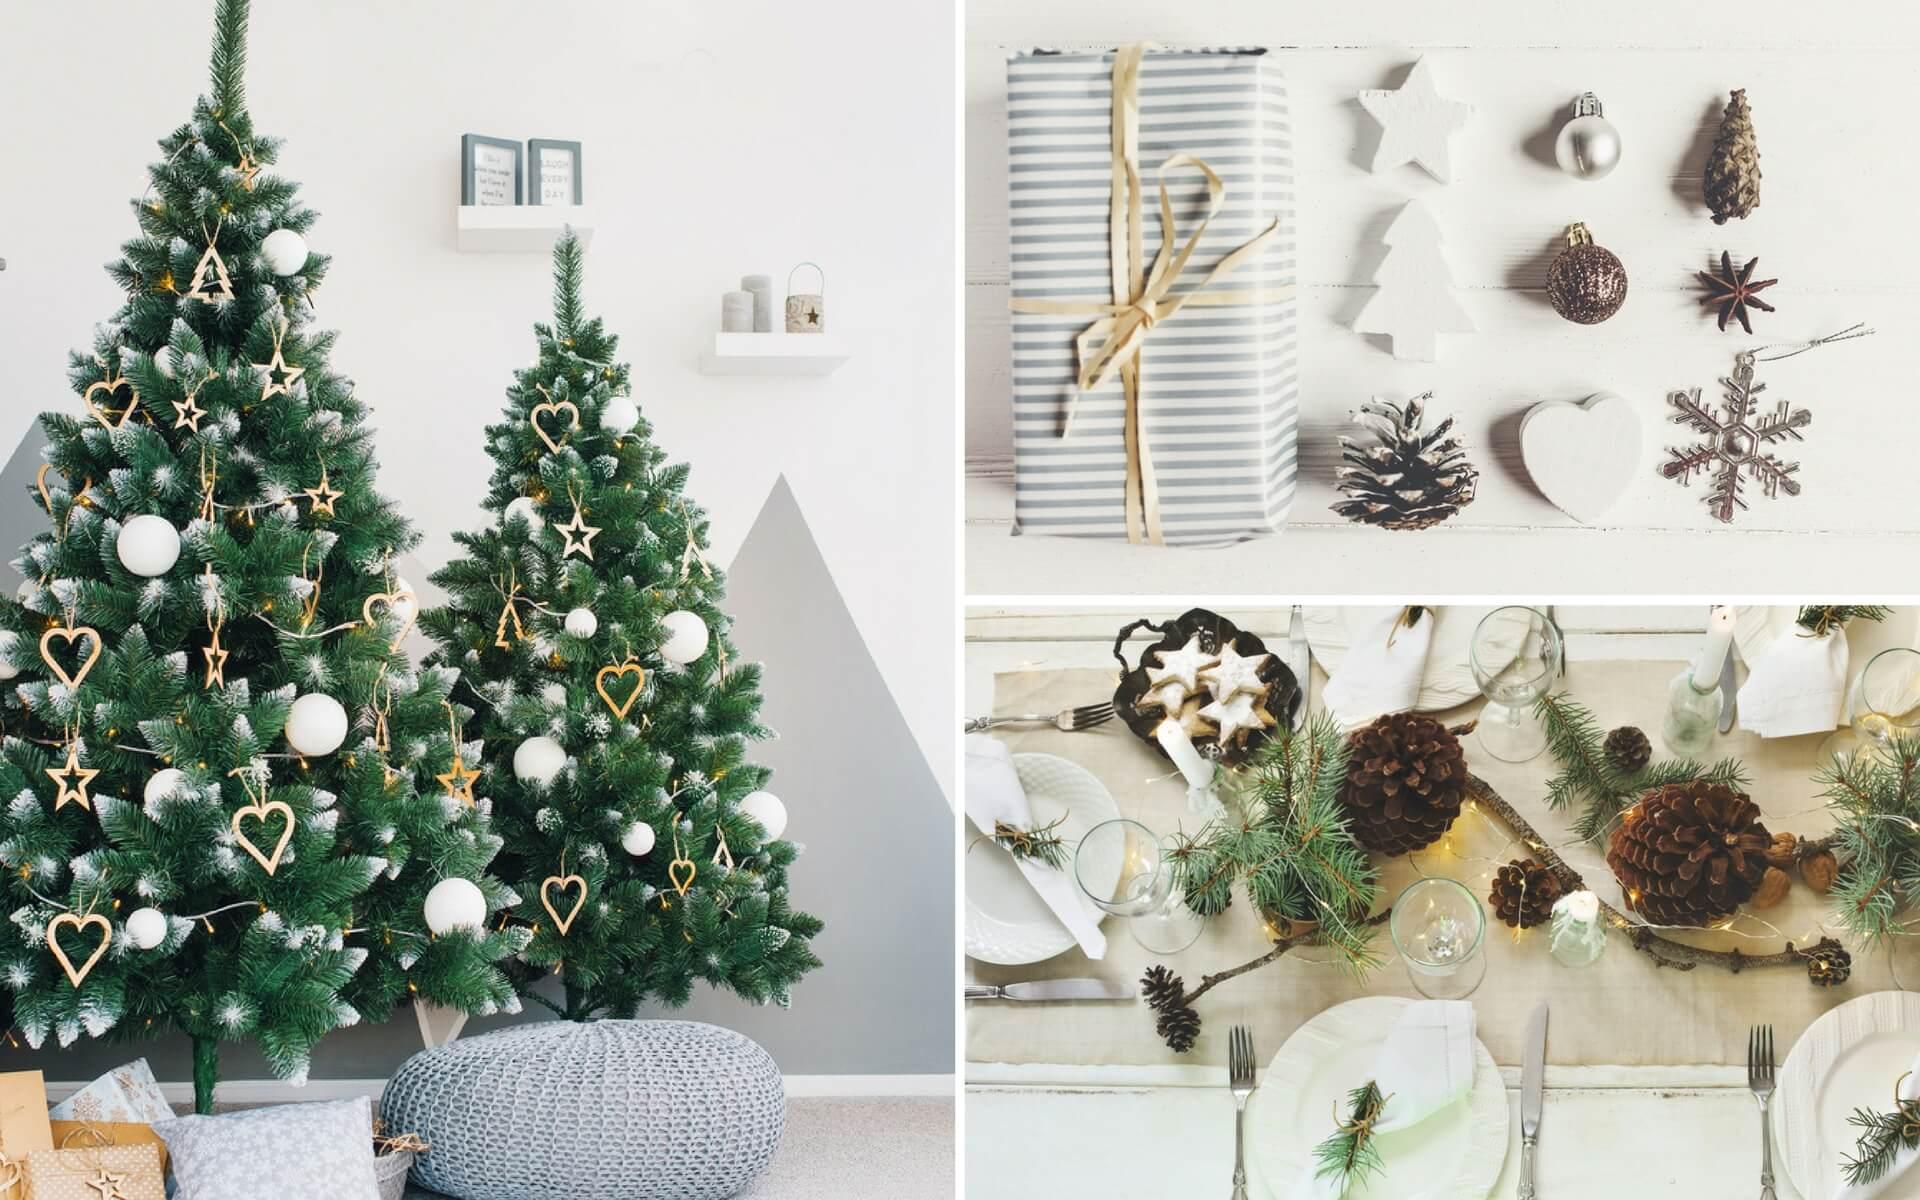 Come addobbare la casa a natale blog oknoplast - Addobbi natalizi per la porta ...